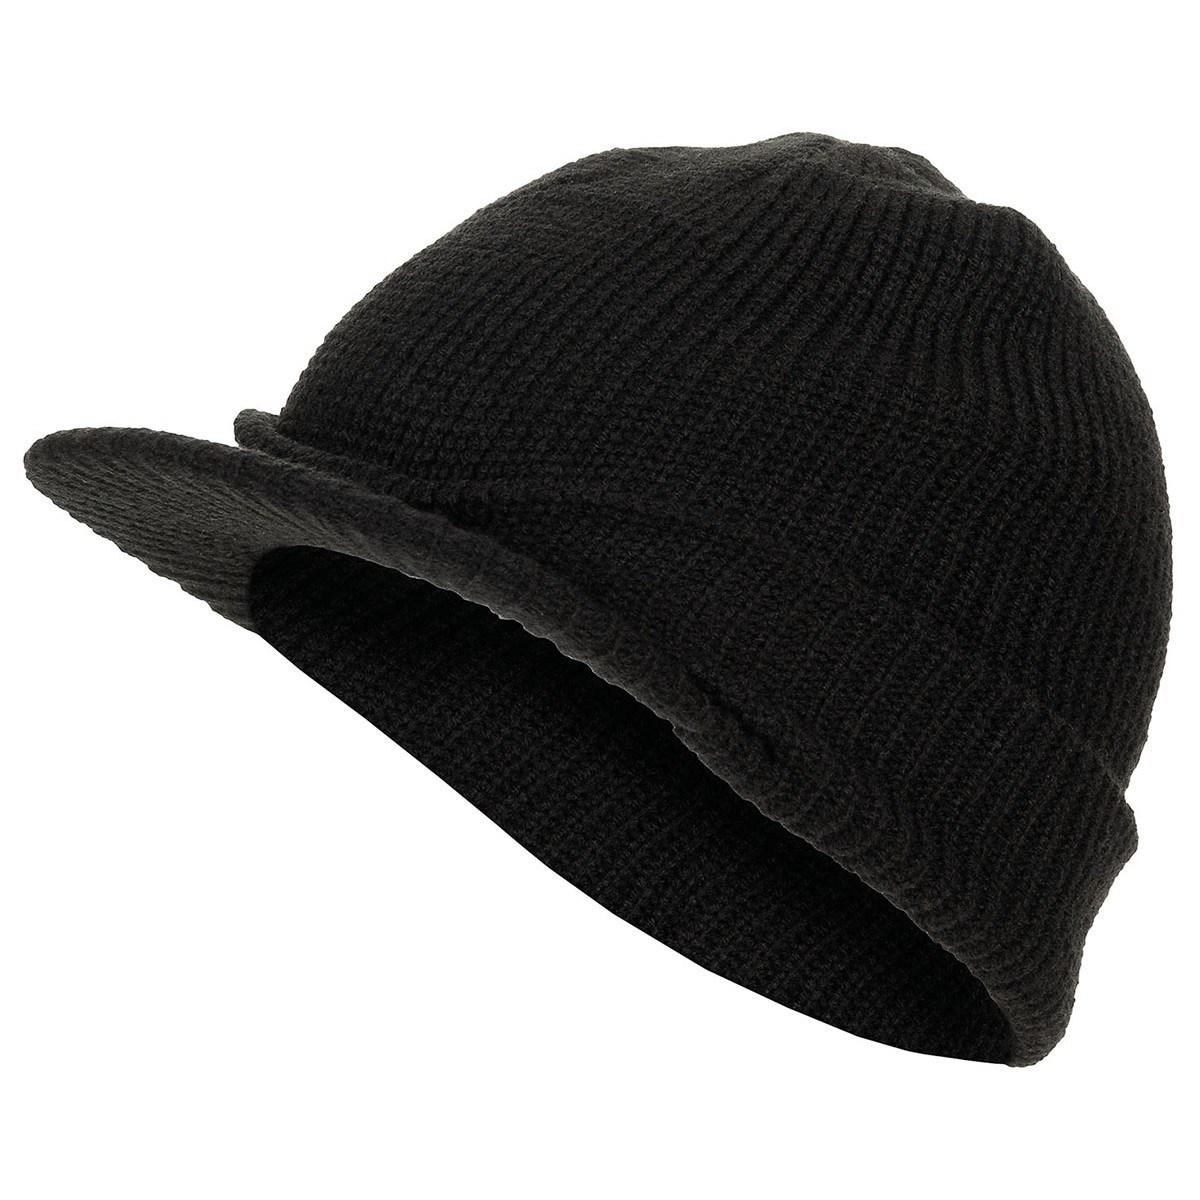 Čepice pletená s kšiltem US SHIELD ČERNÁ